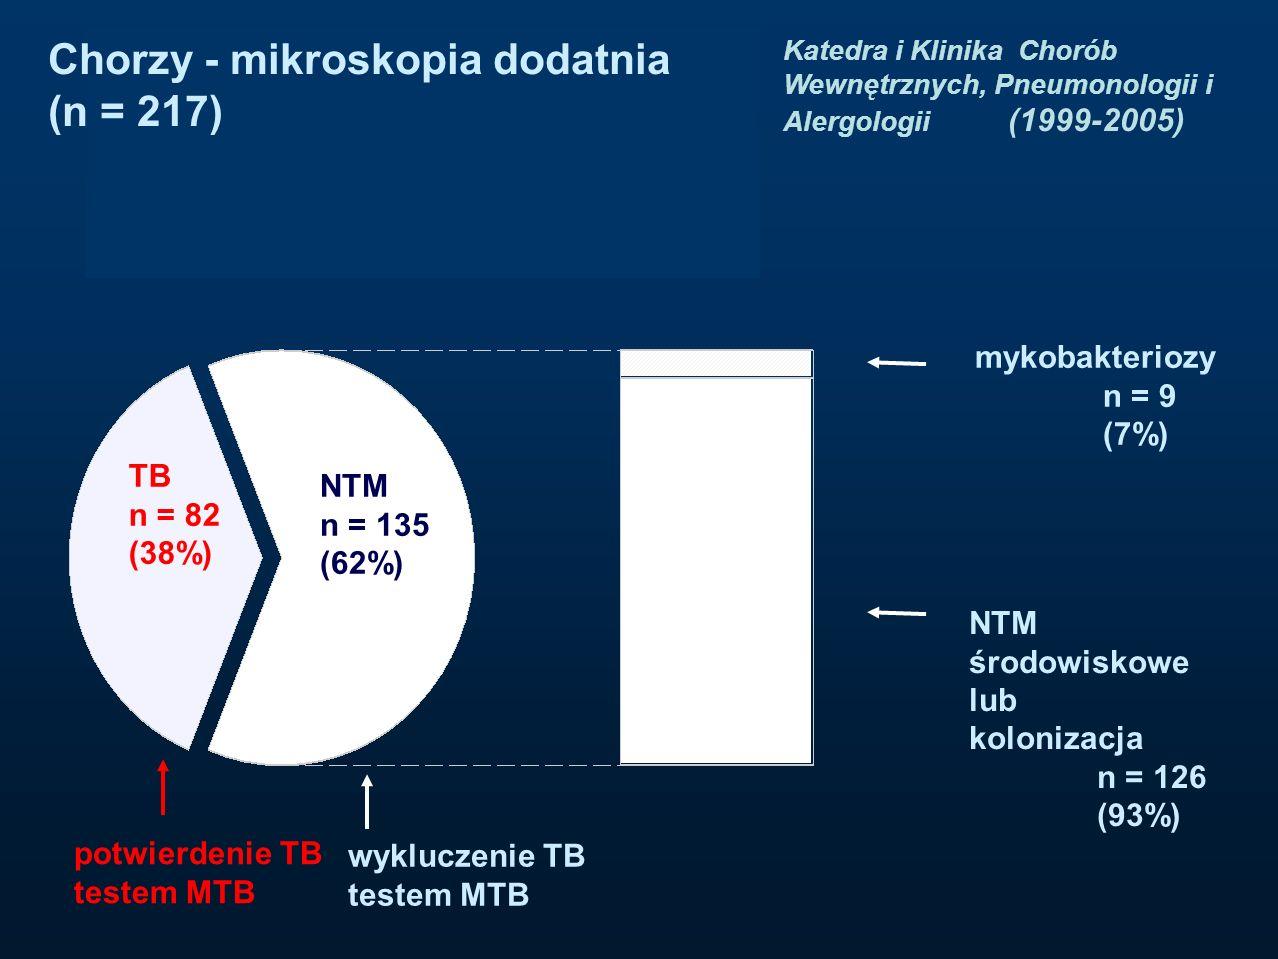 TB n = 82 (38%) NTM n = 135 (62%) mykobakteriozy n = 9 (7%) NTM środowiskowe lub kolonizacja n = 126 (93%) potwierdenie TB testem MTB wykluczenie TB t